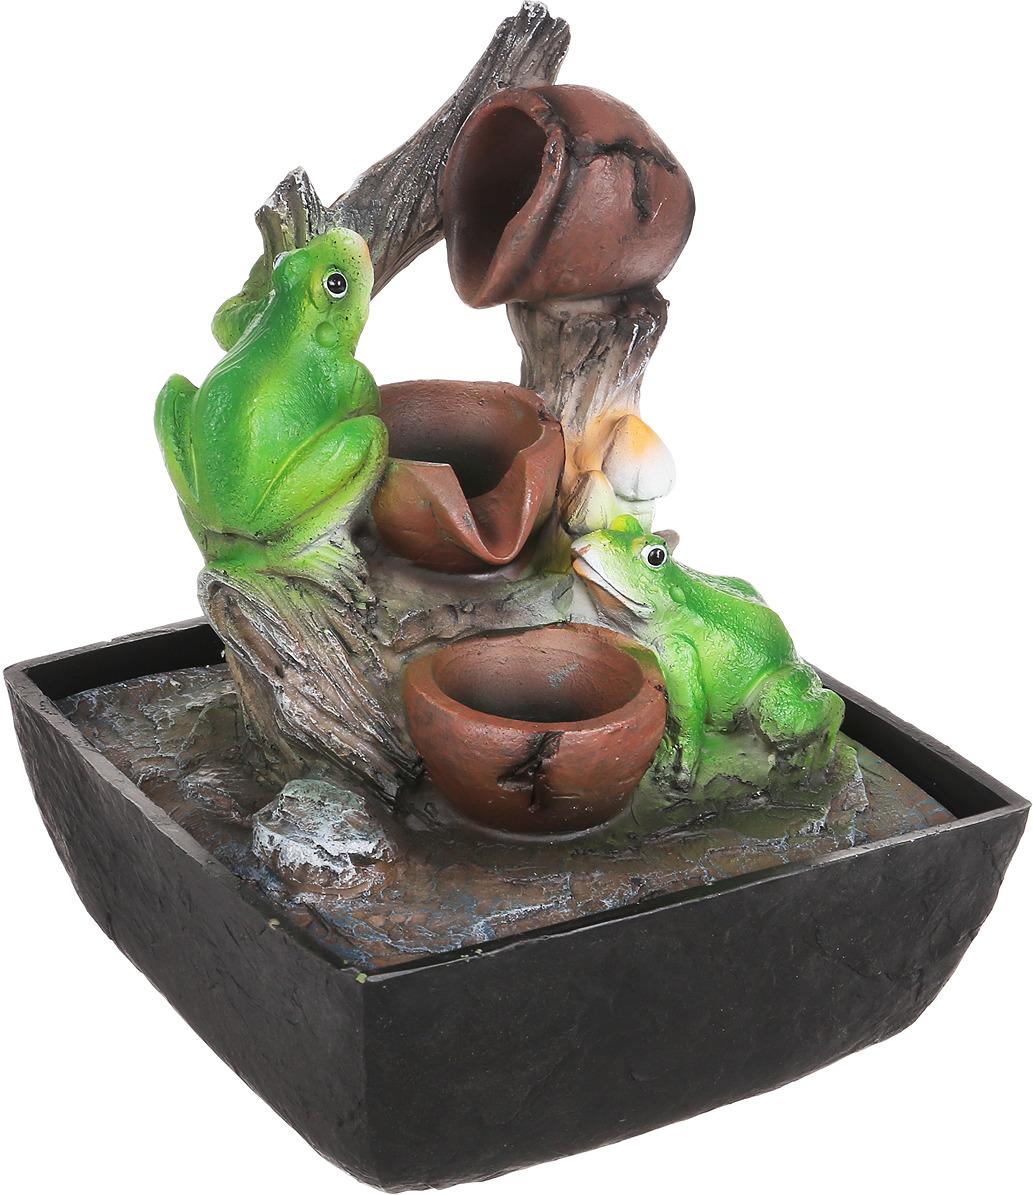 Домашний фонтан Green Apple Лягушки настольный, с подсветкой фонтан садовый green apple gwxf02930 чаша